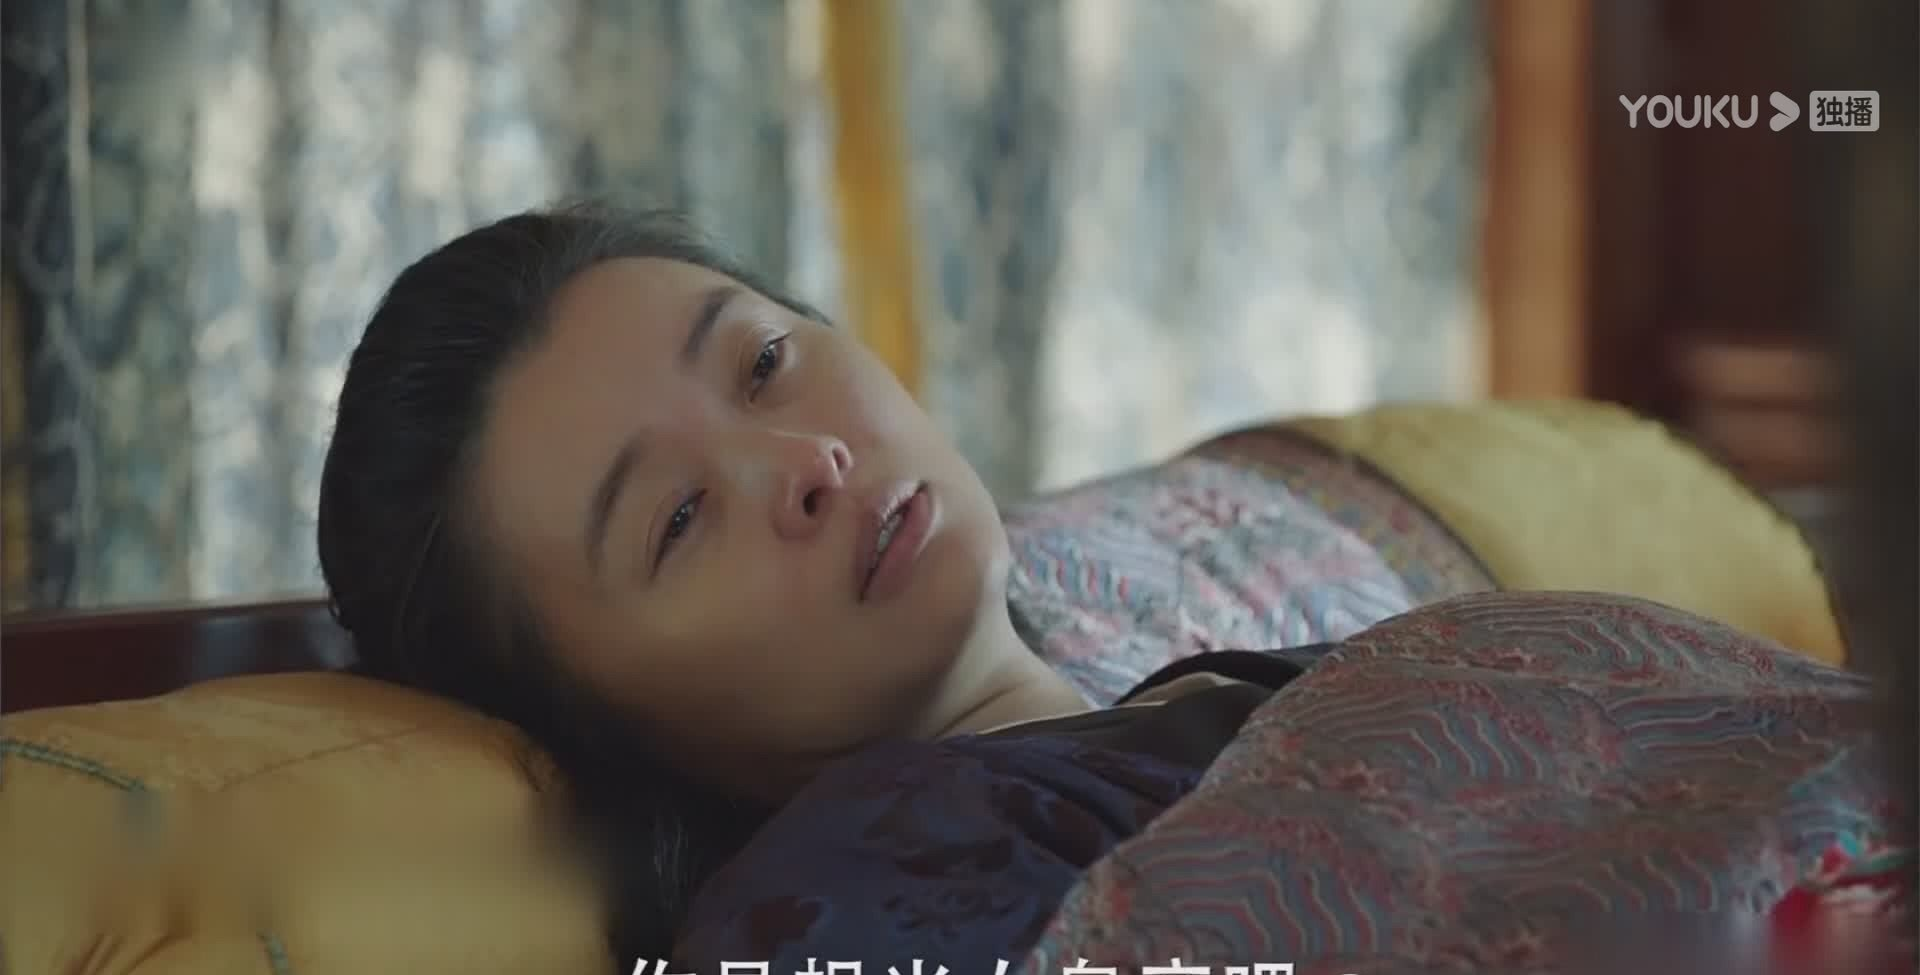 《大明风华》孙若微答应亲征,朱祁镇回应母亲的爱,一句话让她湿了眼眶!